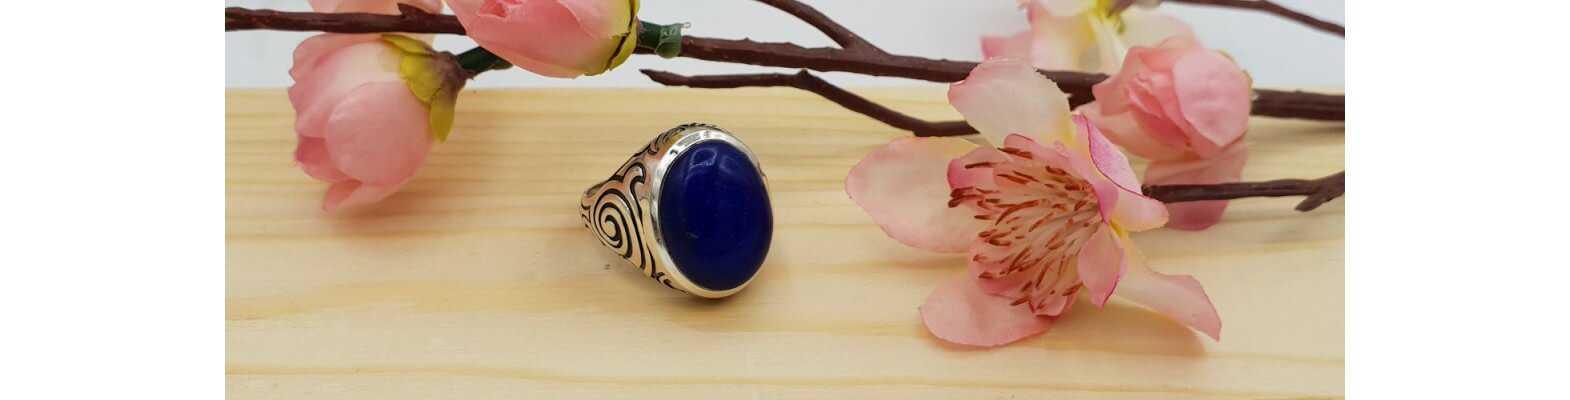 Silver Gemstone Rings (men's rings)